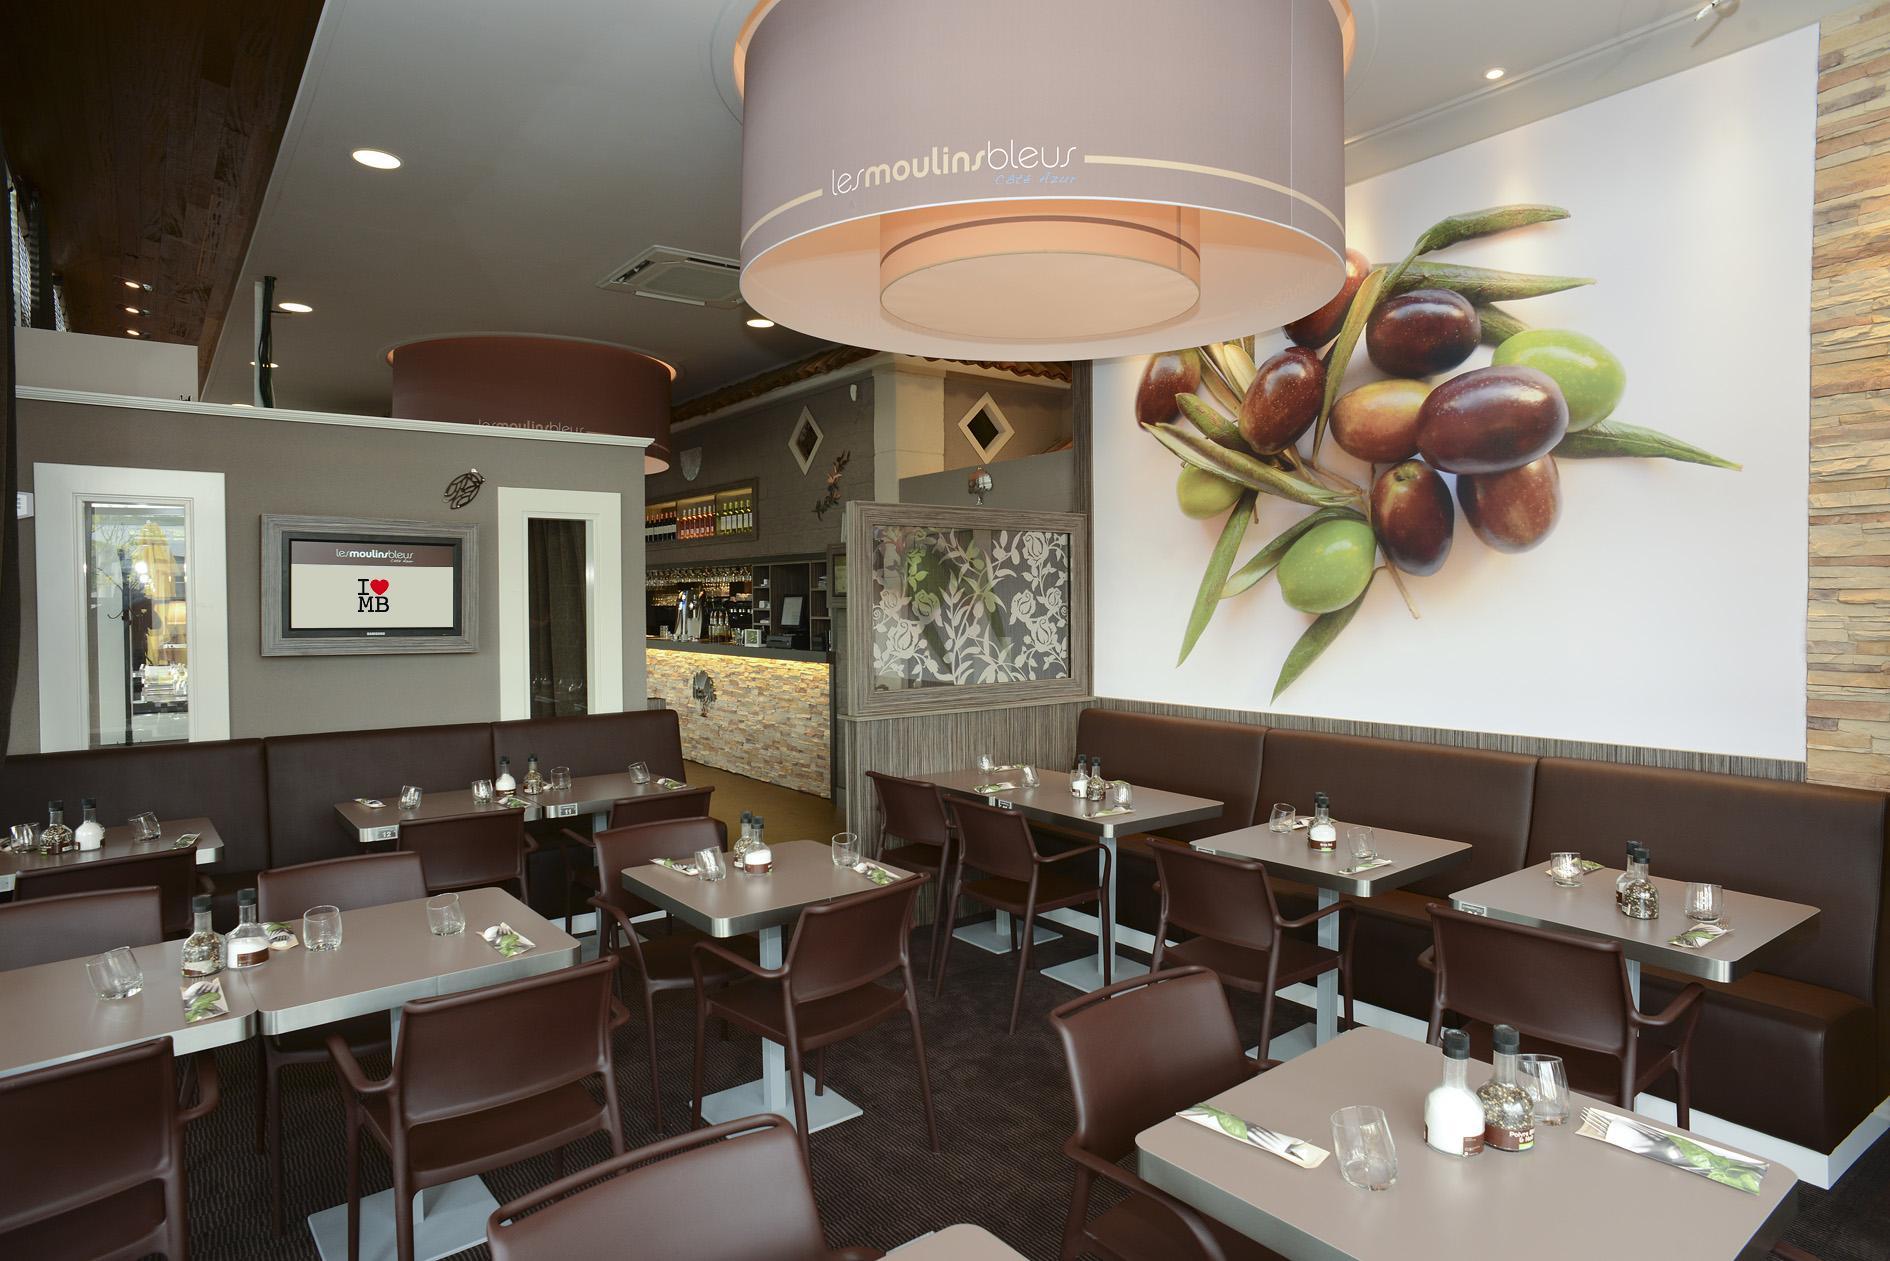 LES MOULINS BLEUS- Brasserie